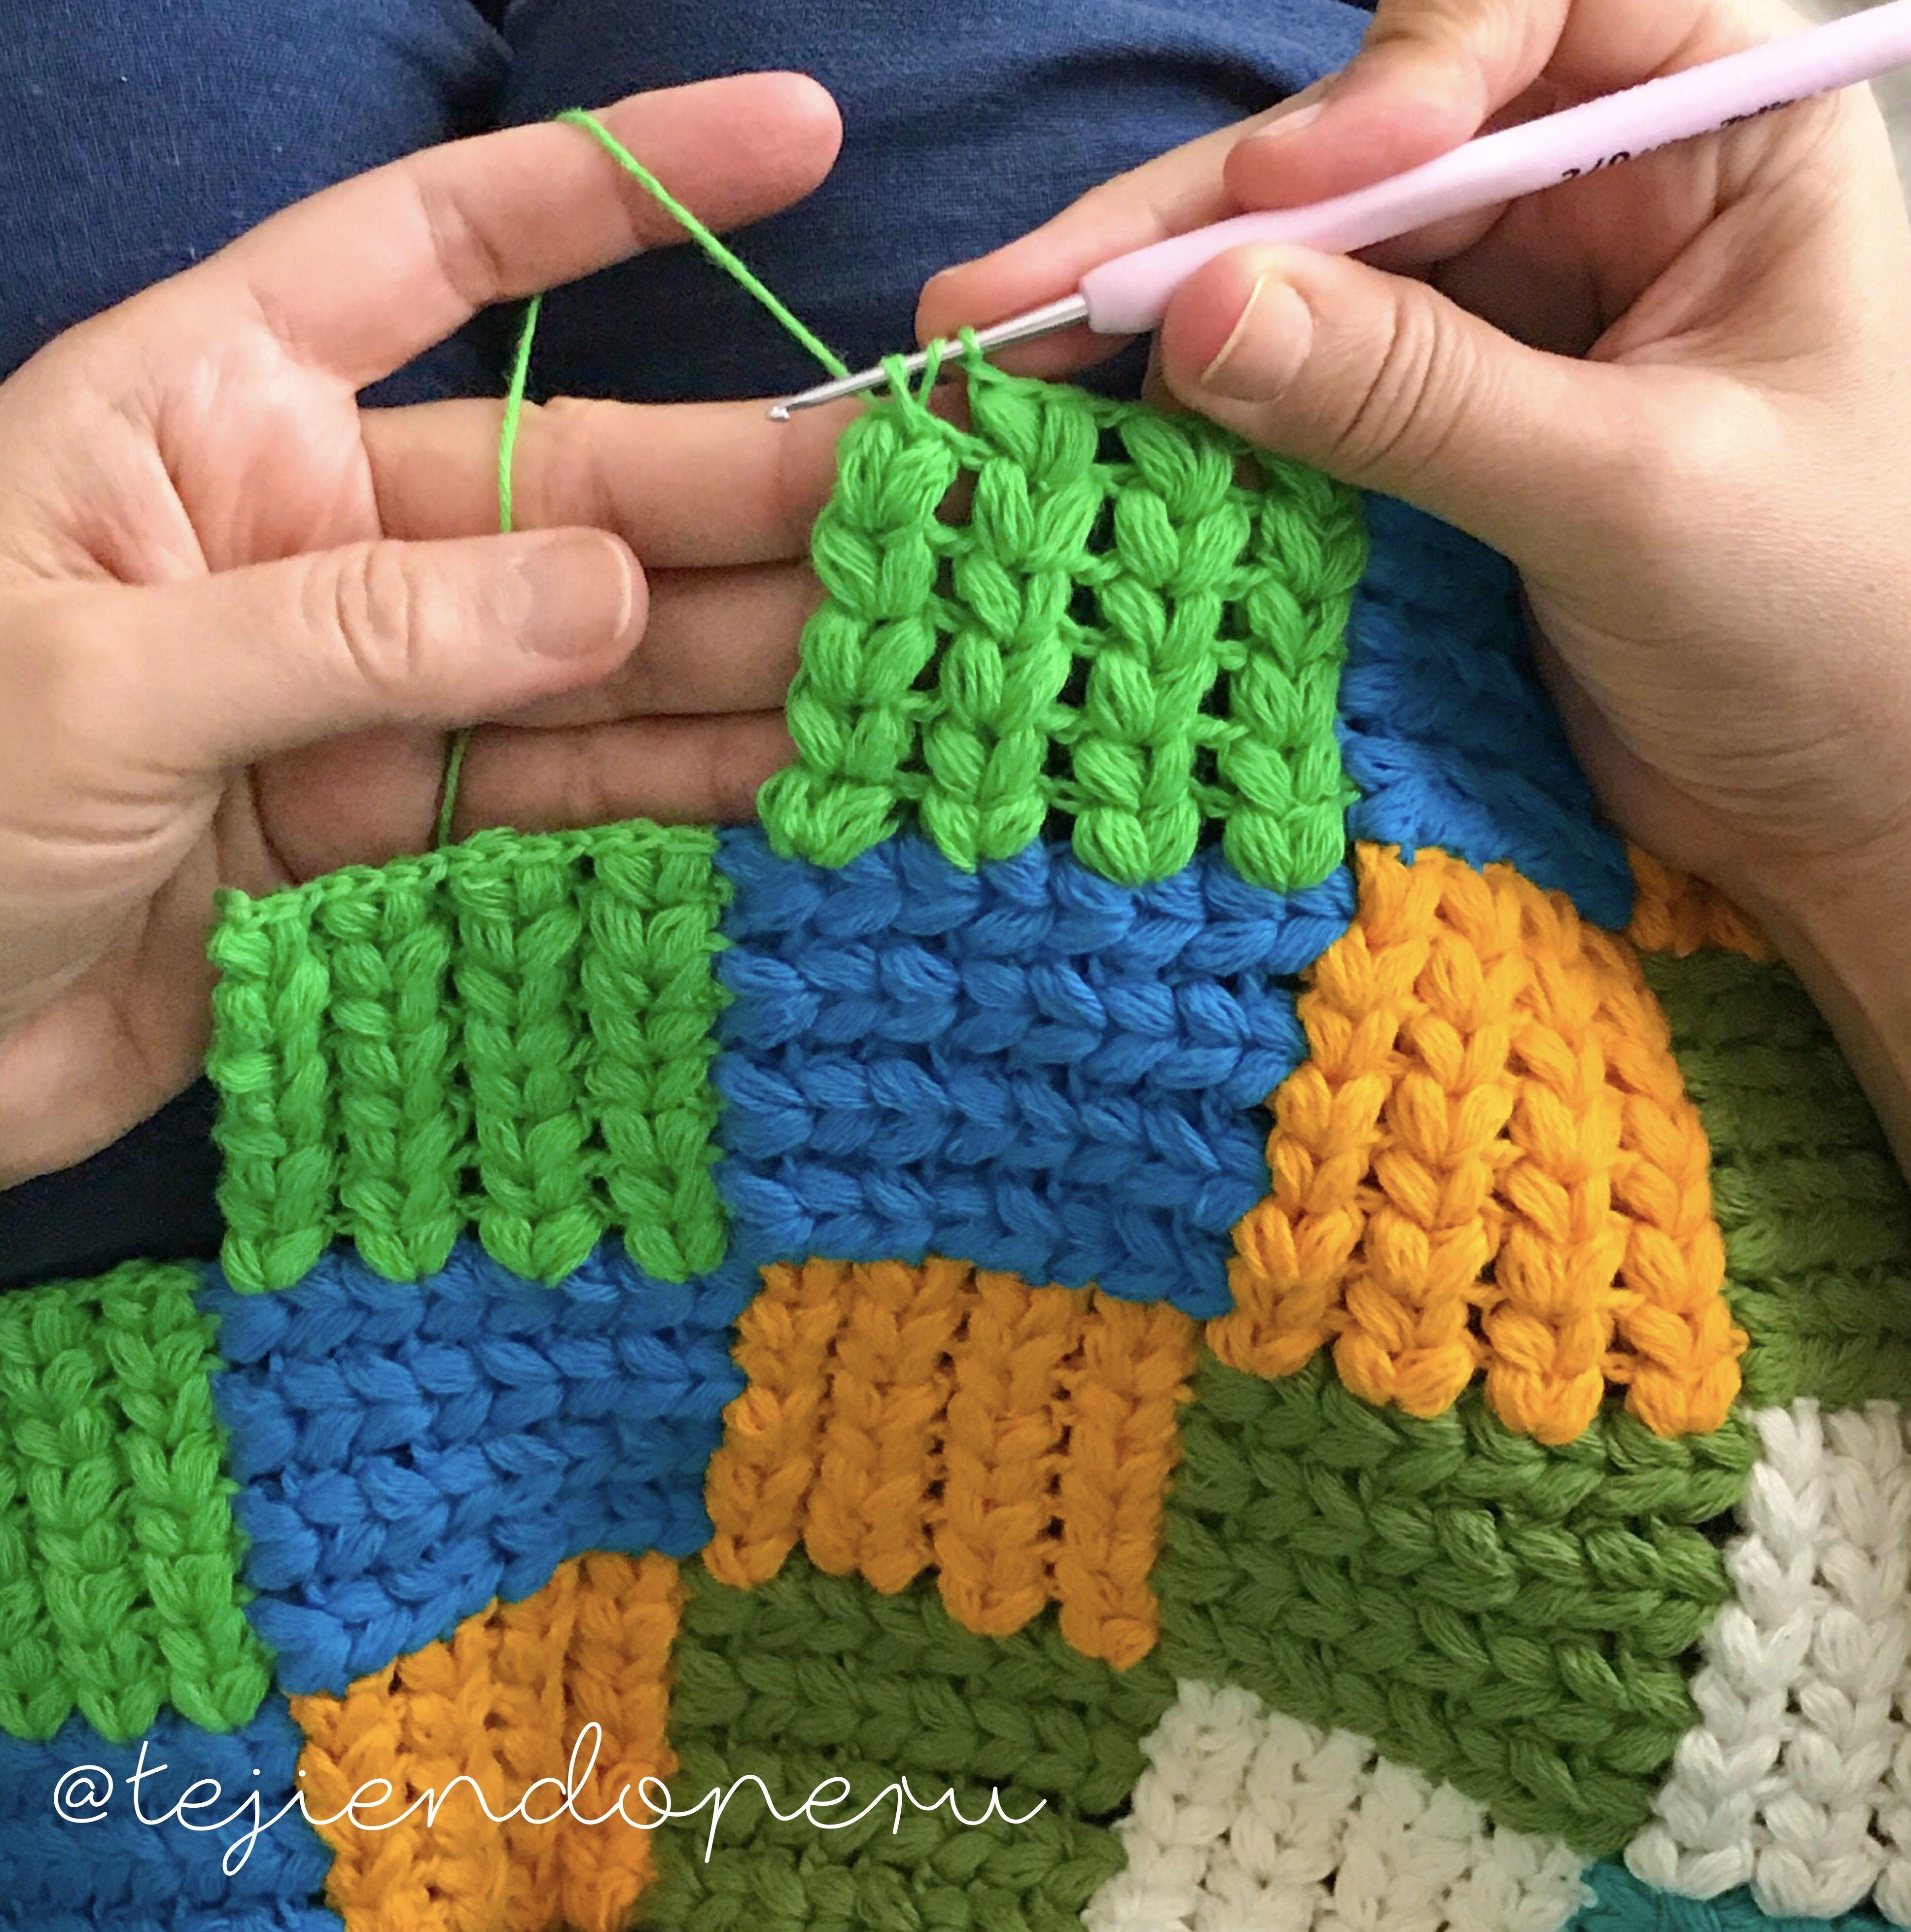 Crochet punto entrelac trenzado cable entrelac crochet stitch crochet punto entrelac trenzado cable entrelac crochet stitch video tutorial bankloansurffo Gallery